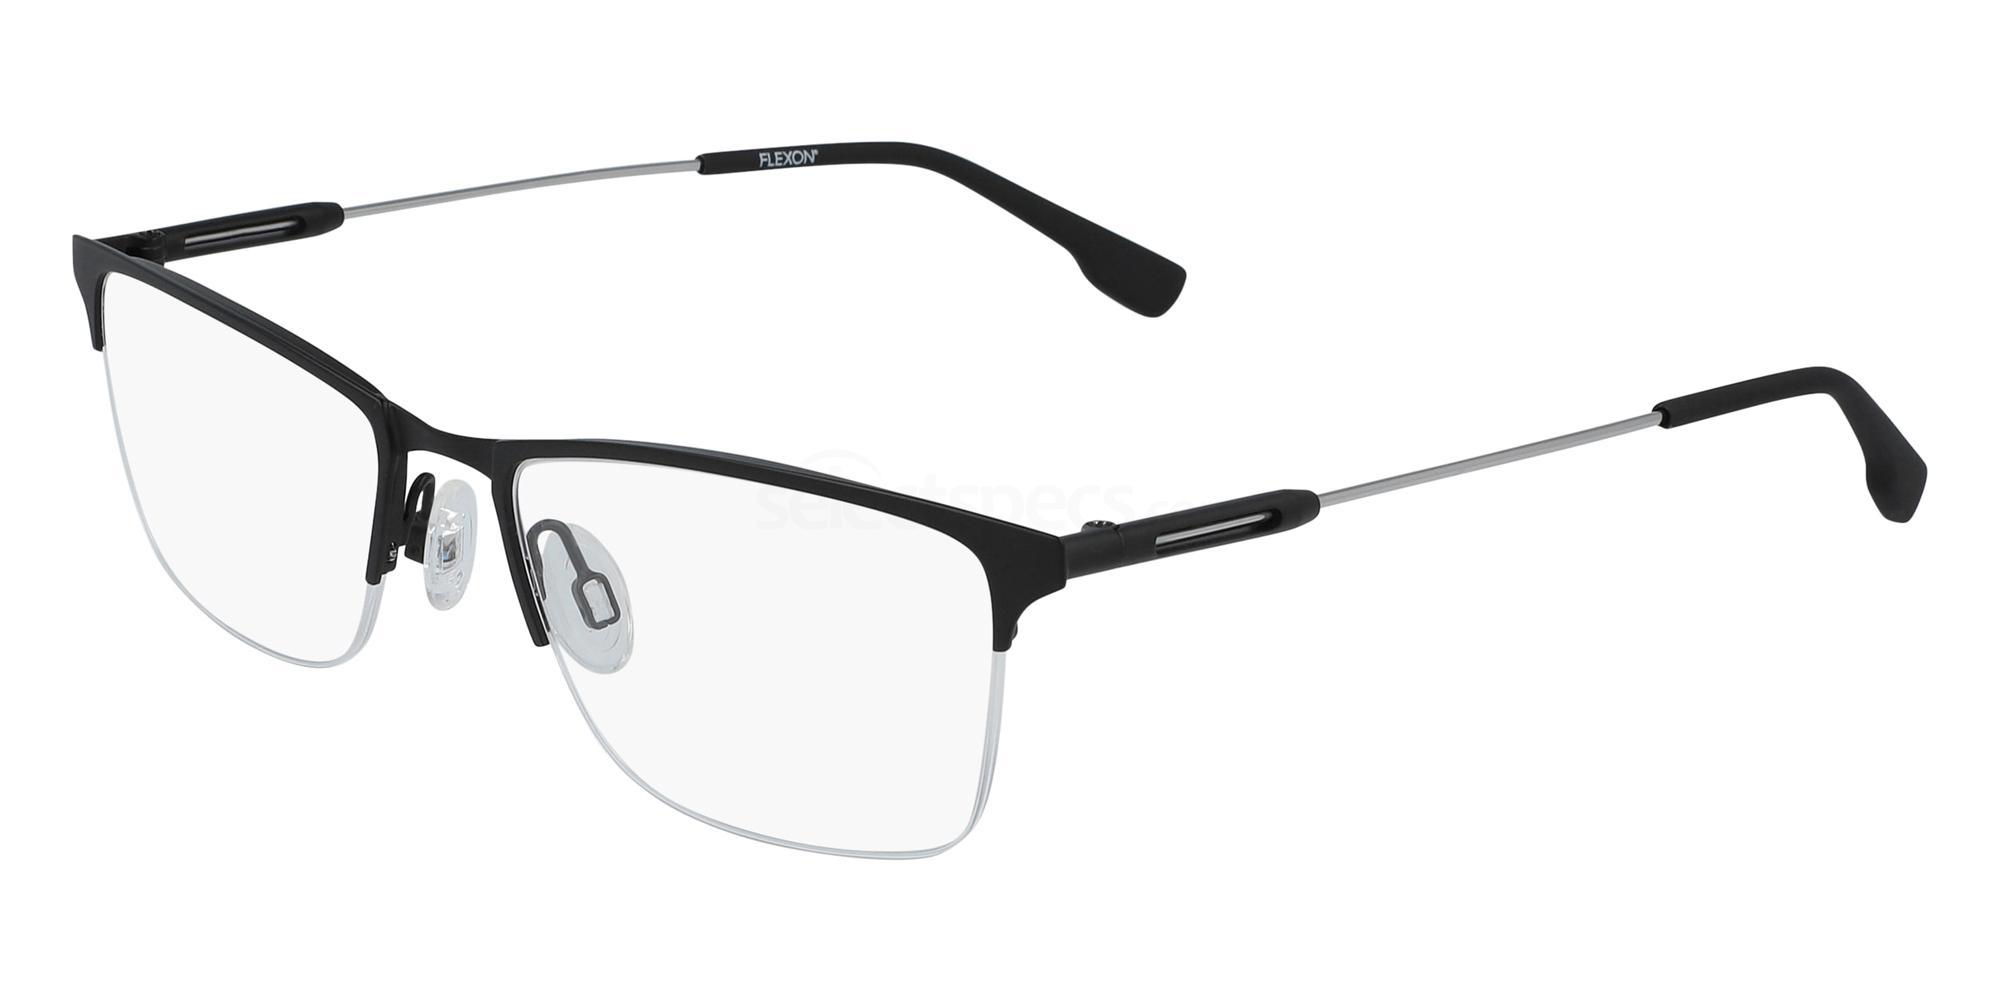 001 FLEXON E1122 Glasses, Flexon